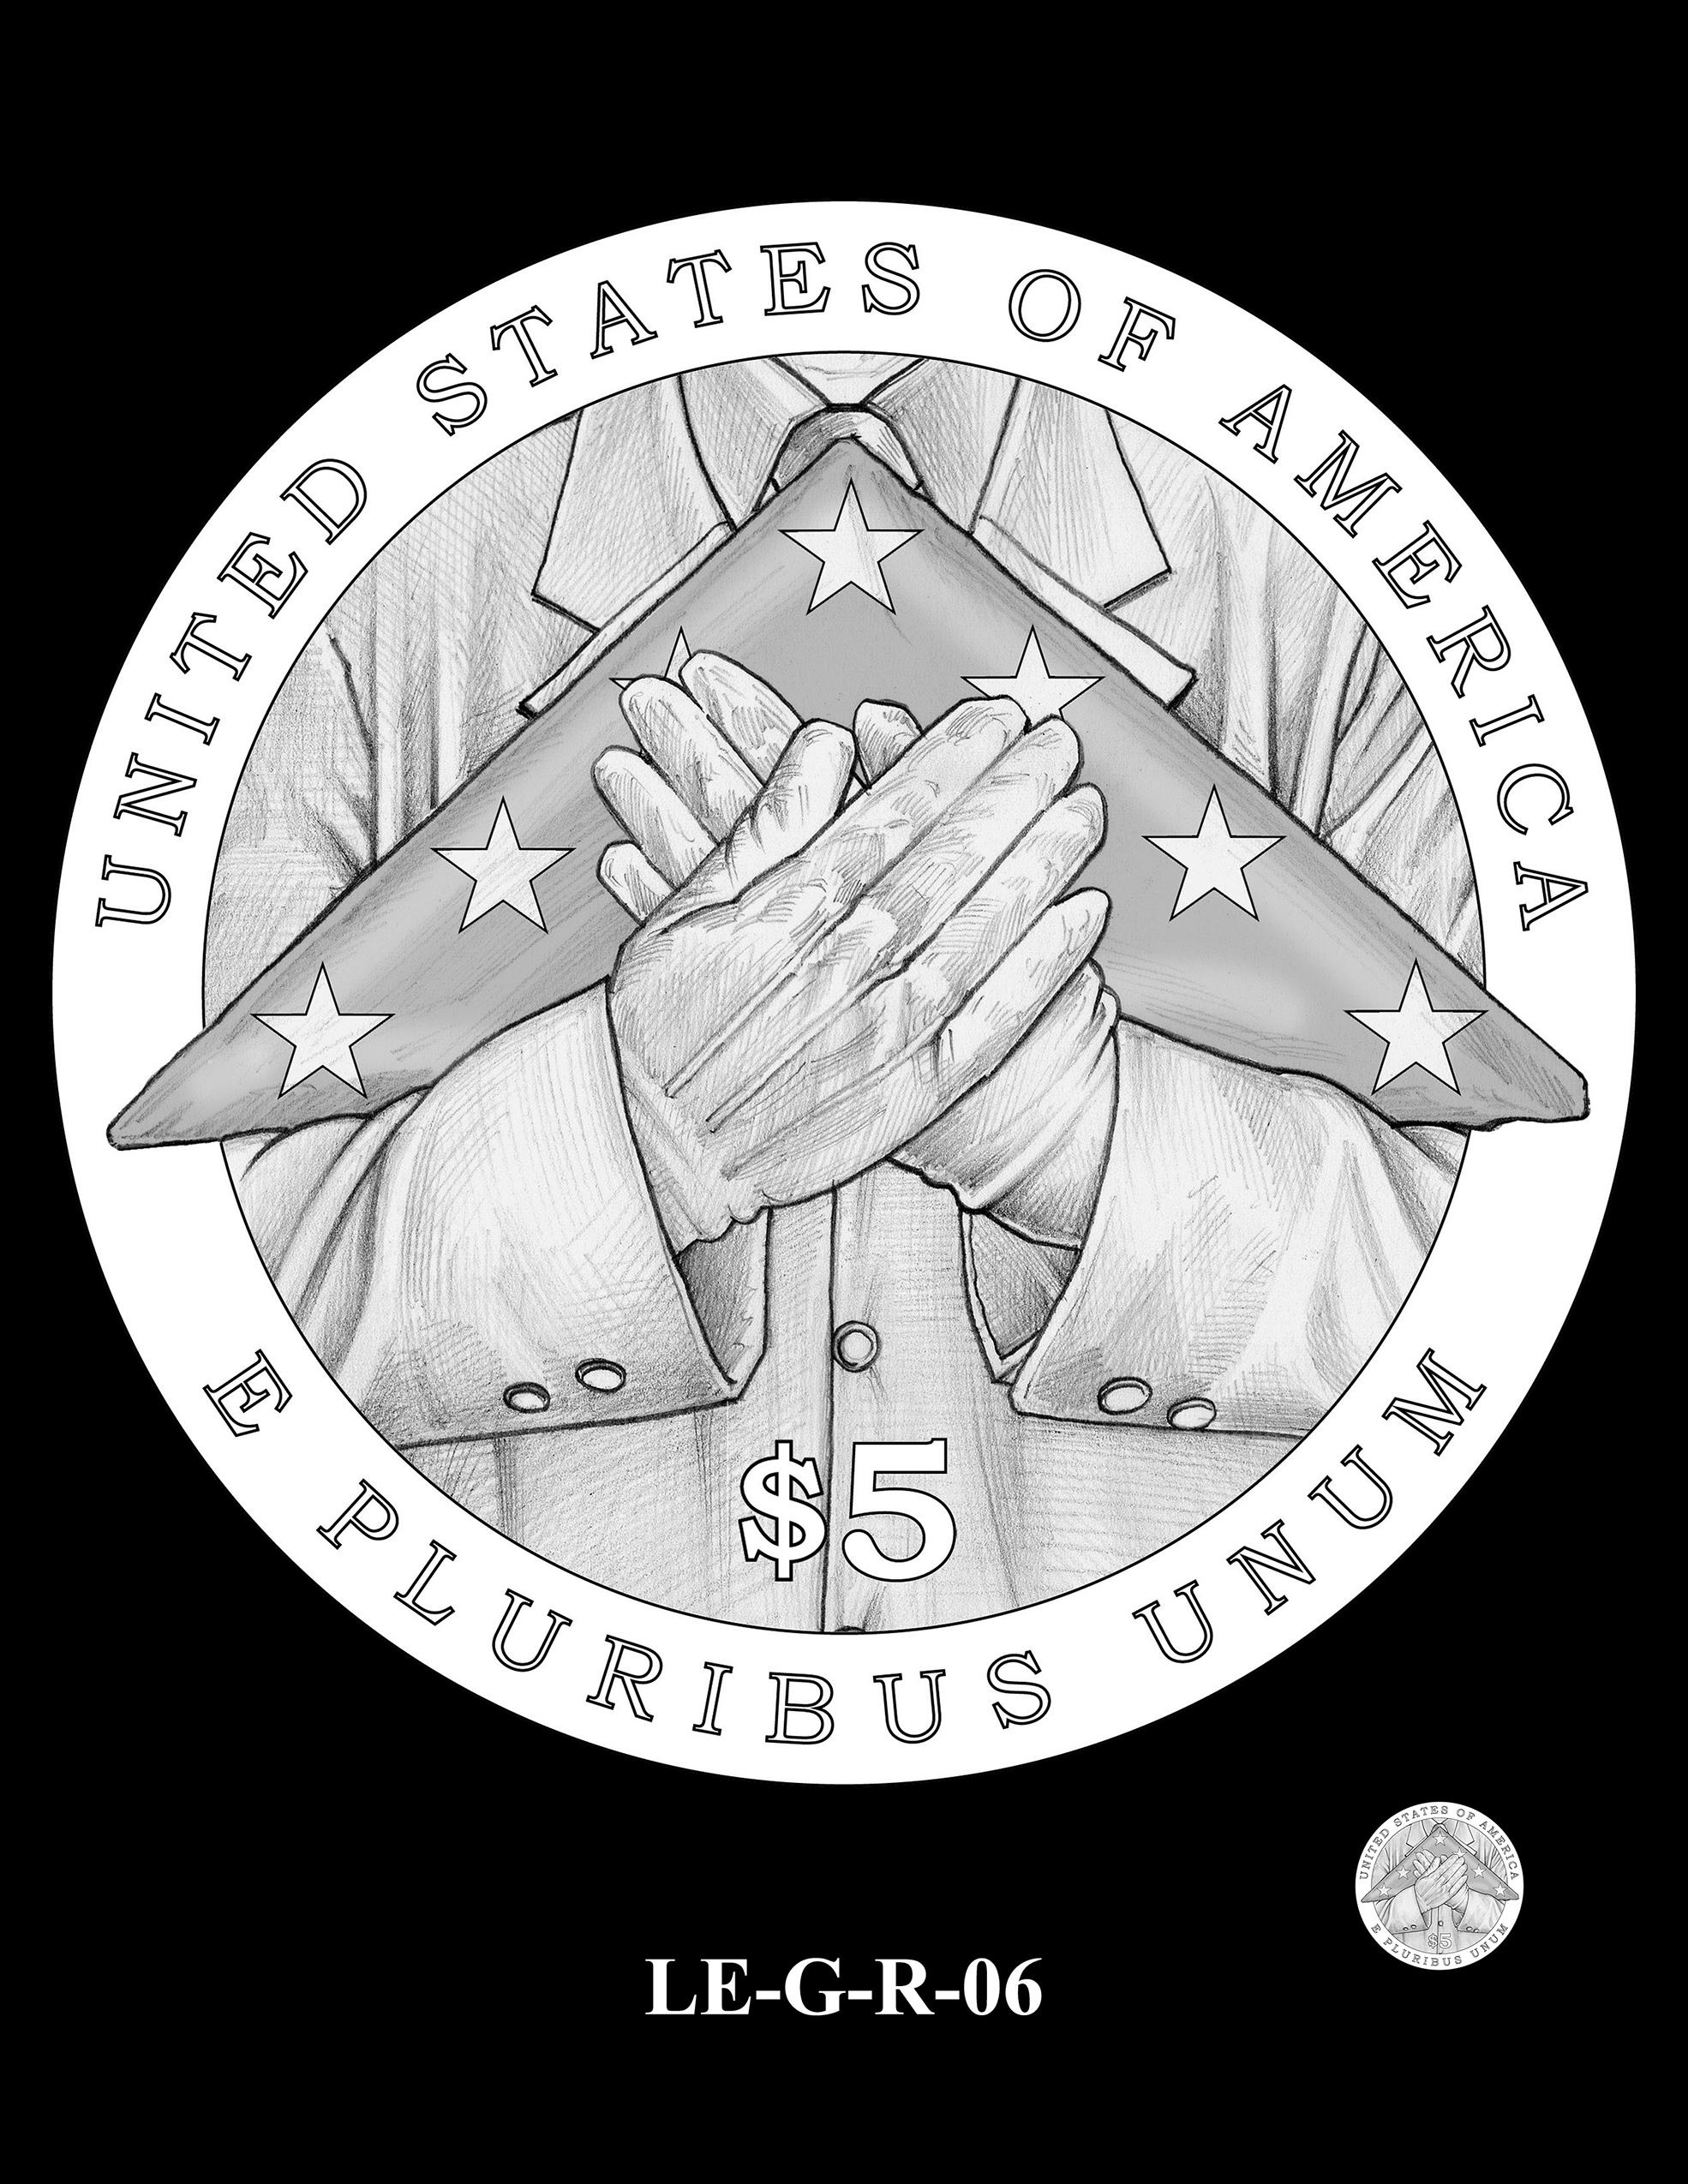 LE-G-R-06 -- National Law Enforcement Museum Commemorative Coin Program